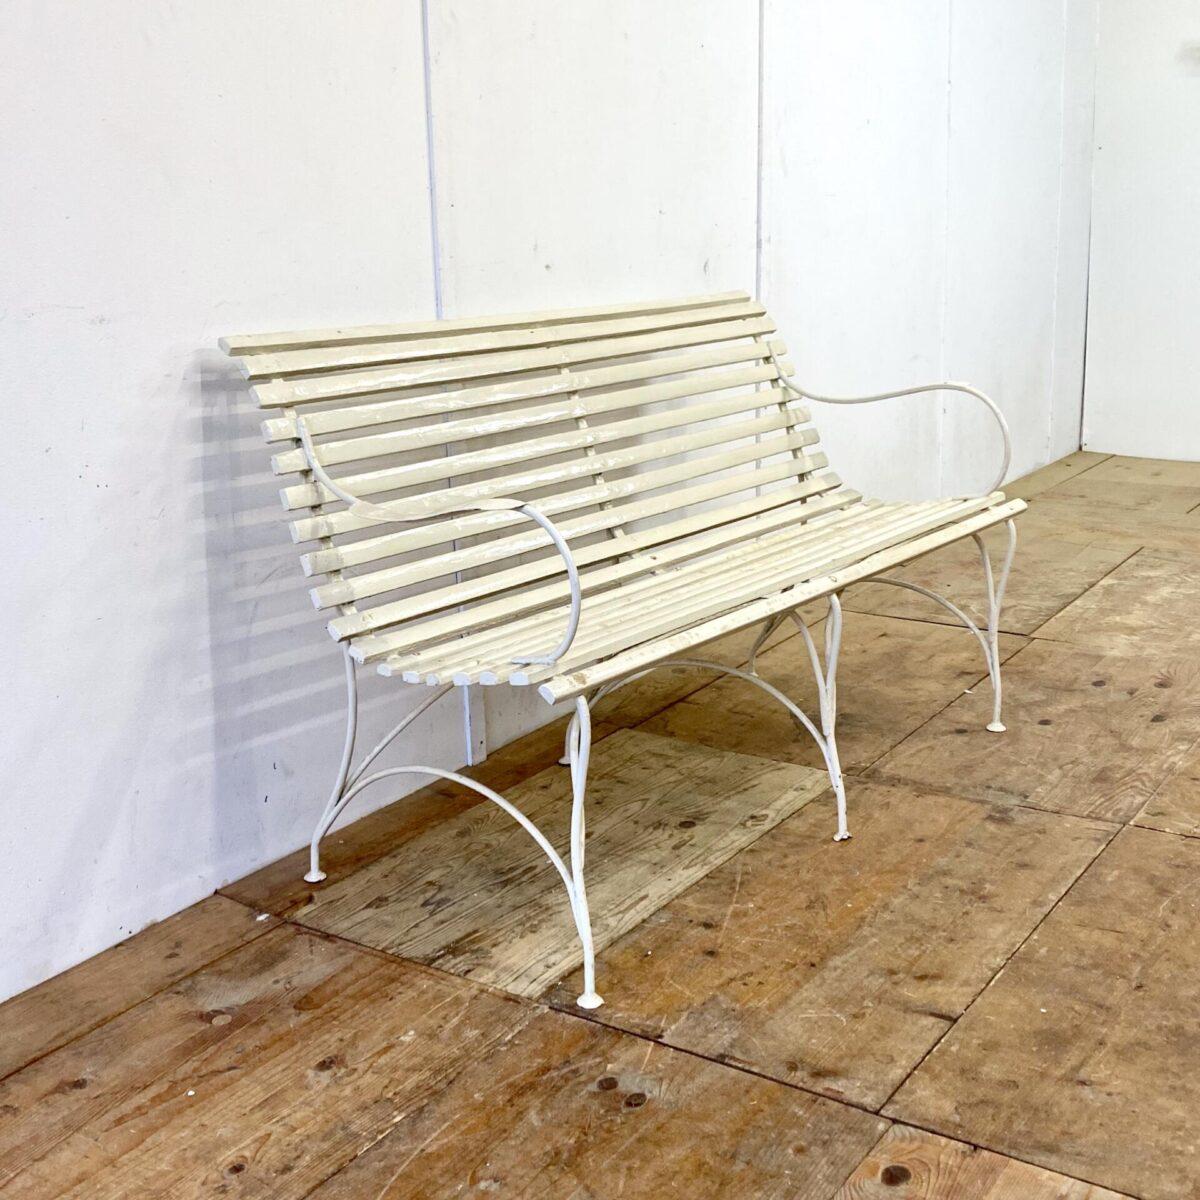 Antiker Jugendstil Gartenbank mit Armlehnen. Creme Weiss. 144x68cm gesamt Höhe 86cm. Die Sitzbank ist in gutem stabilen Vintage Zustand. Der Gartentisch ist ebenfalls verfügbar.